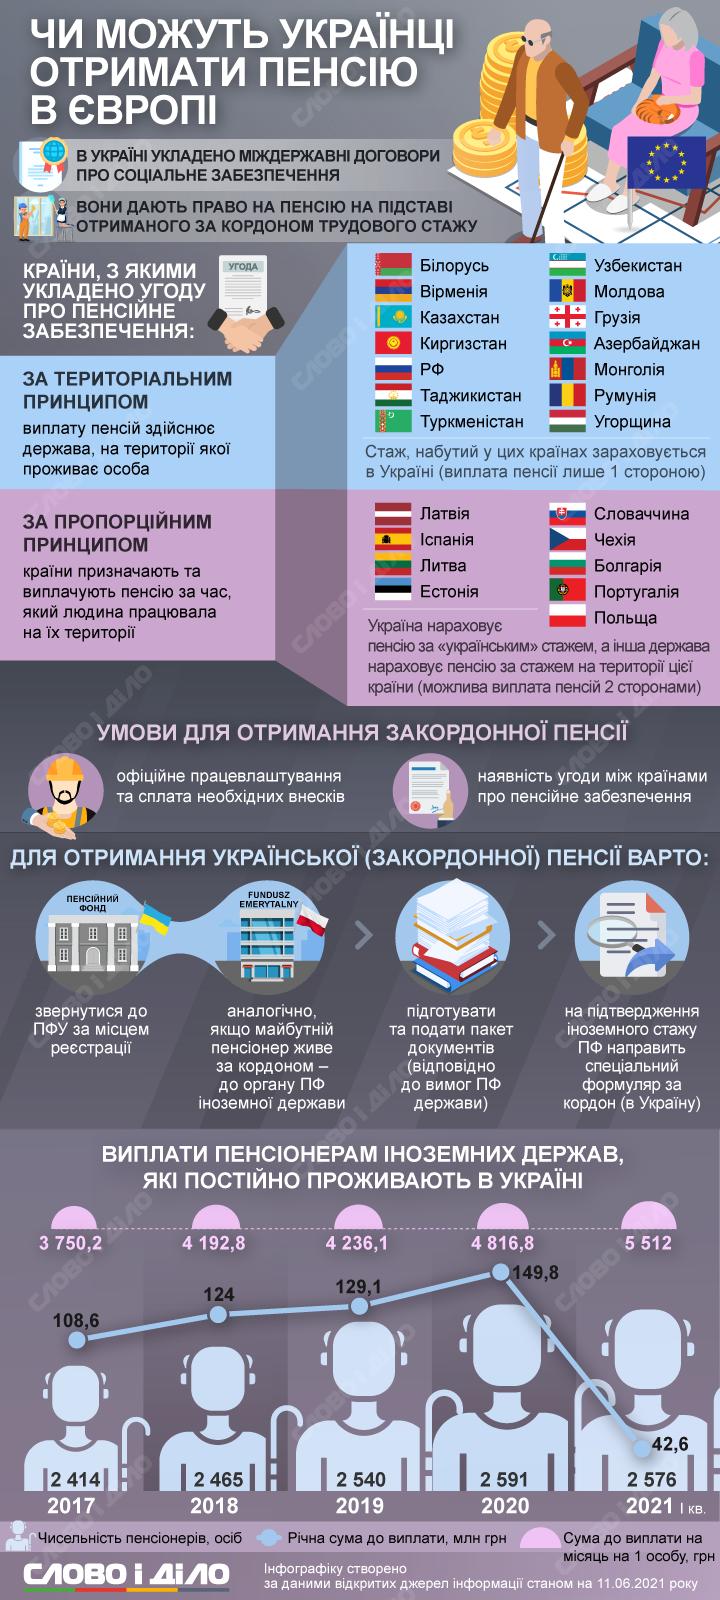 Пенсии за рубежом: как украинцы могут получить выплаты в других странах (инфографика)